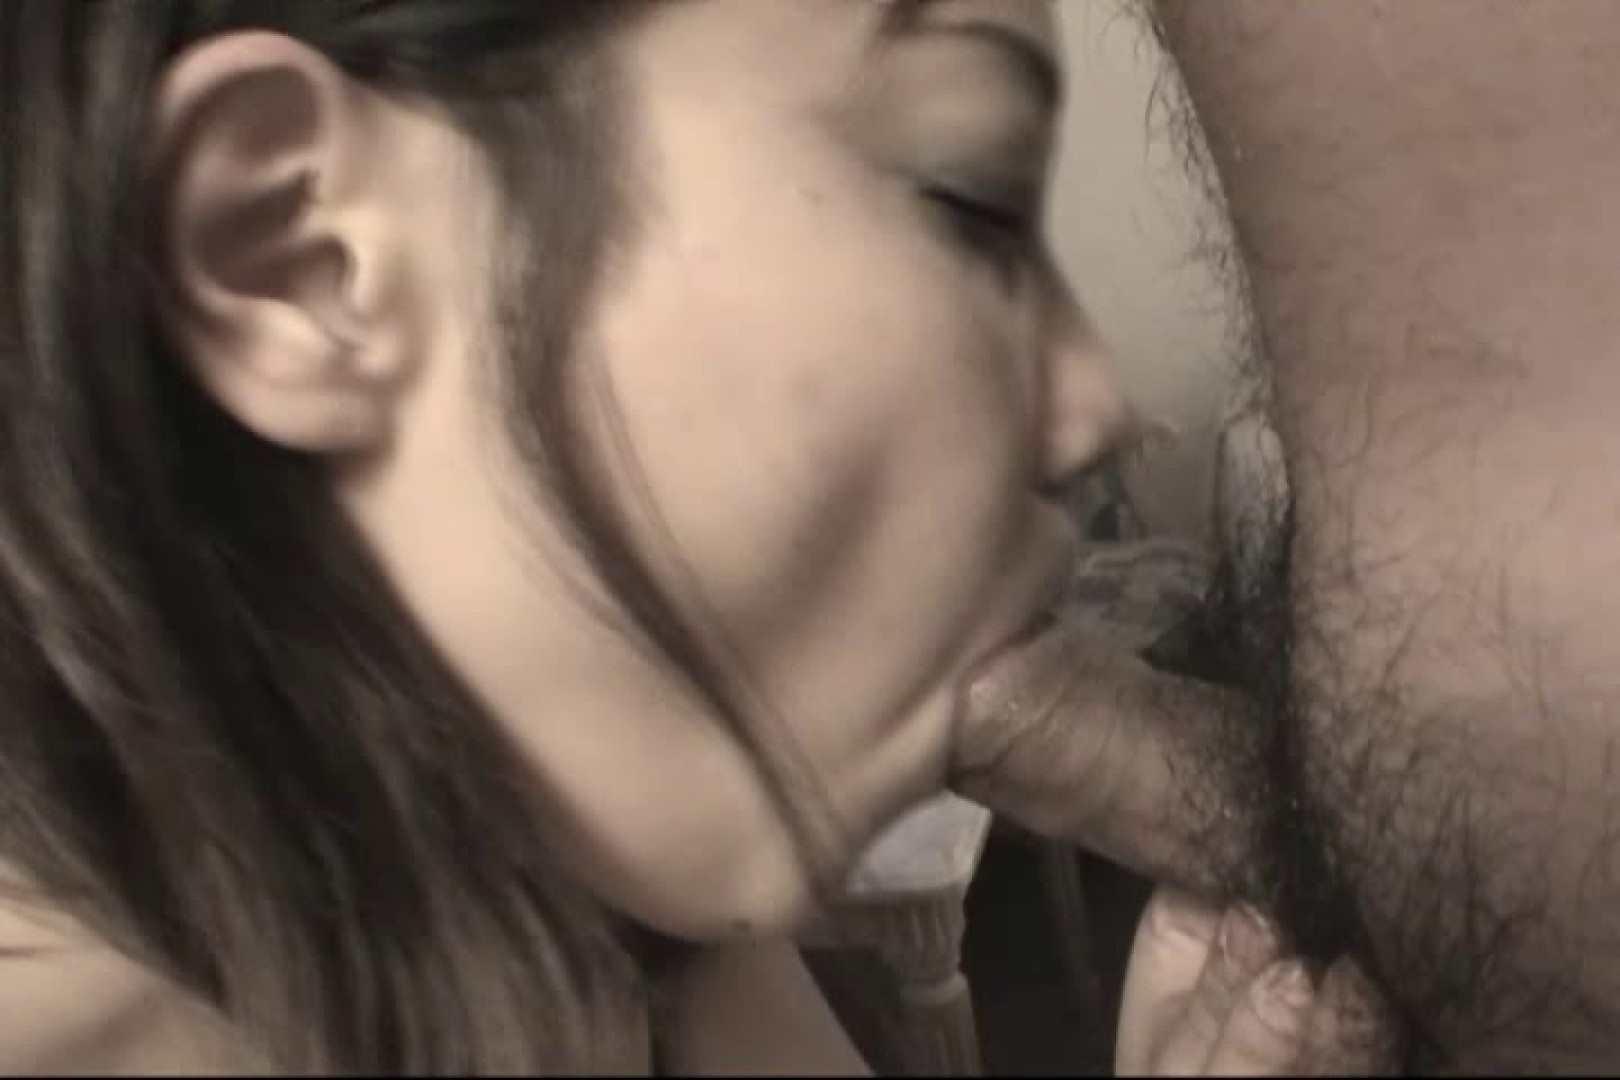 エロフェロモン全開の彼女に中出しSEX~青山ちか~ シャワー AV無料動画キャプチャ 79pic 53